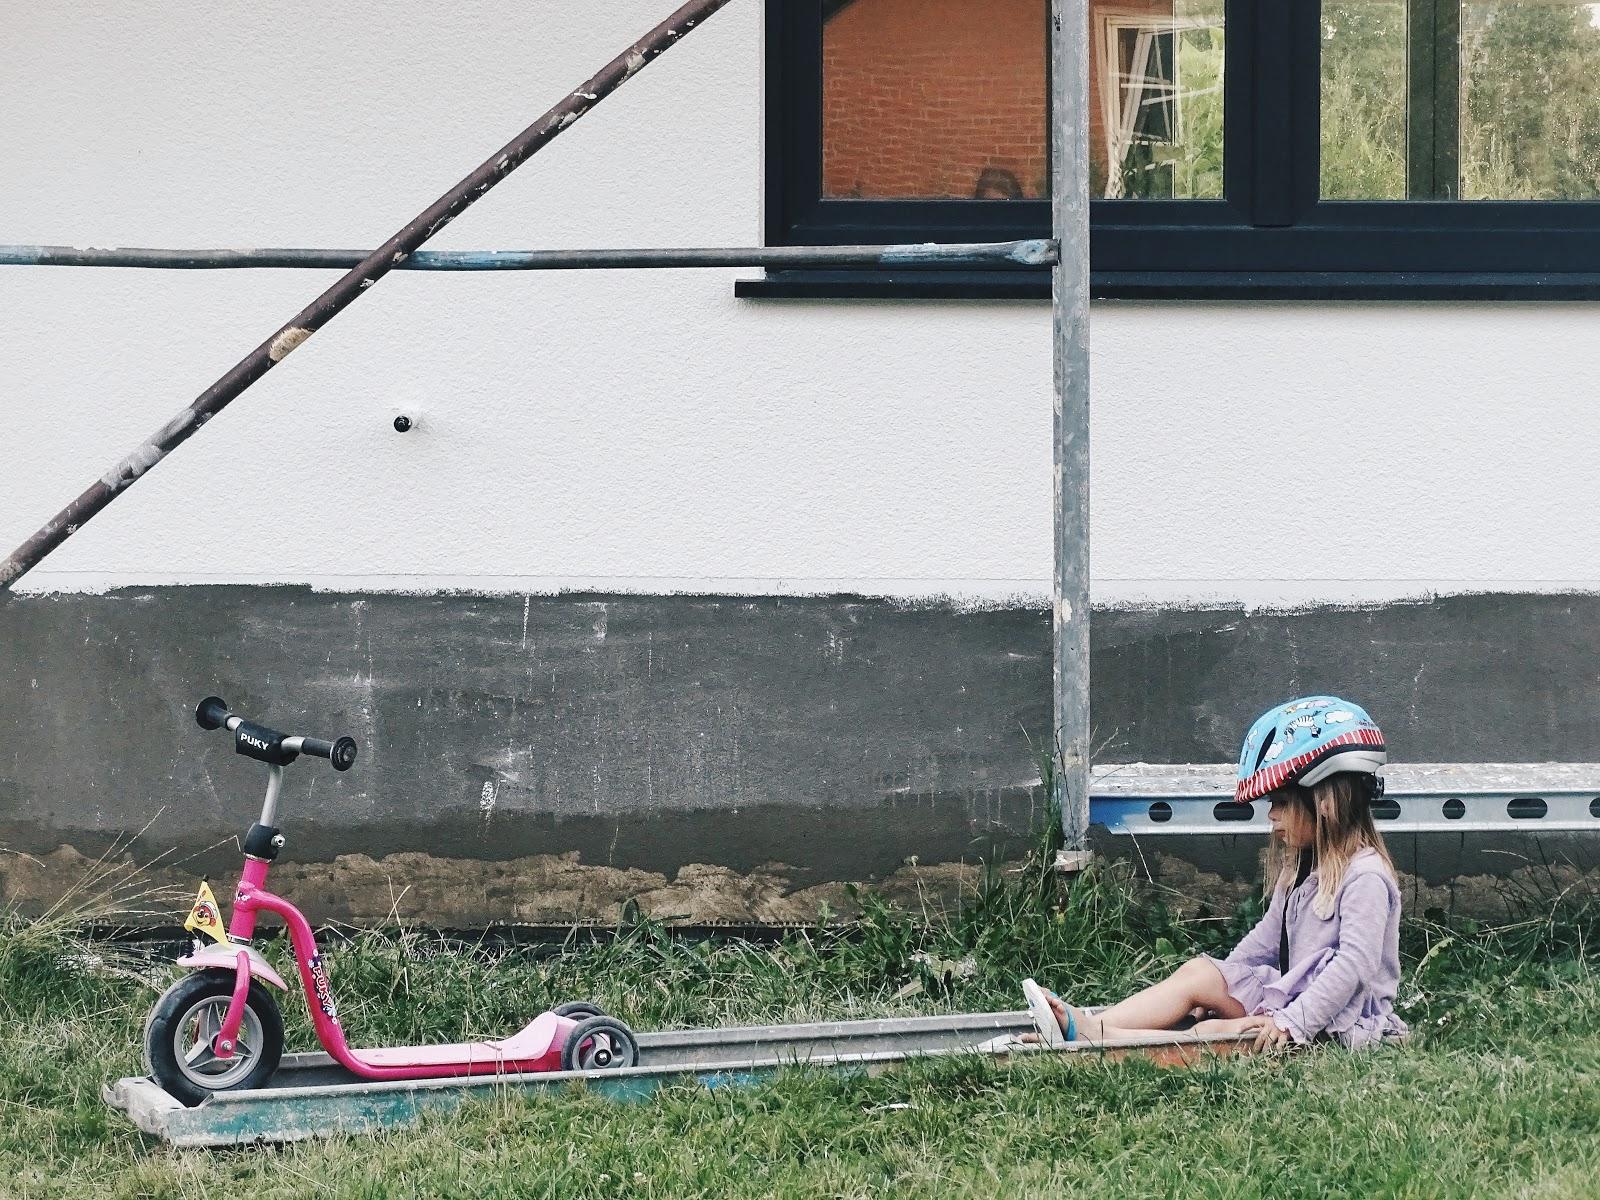 Hausbau 2017 - http://mammilade.blogspot.de - 5 Lieblinge der Woche